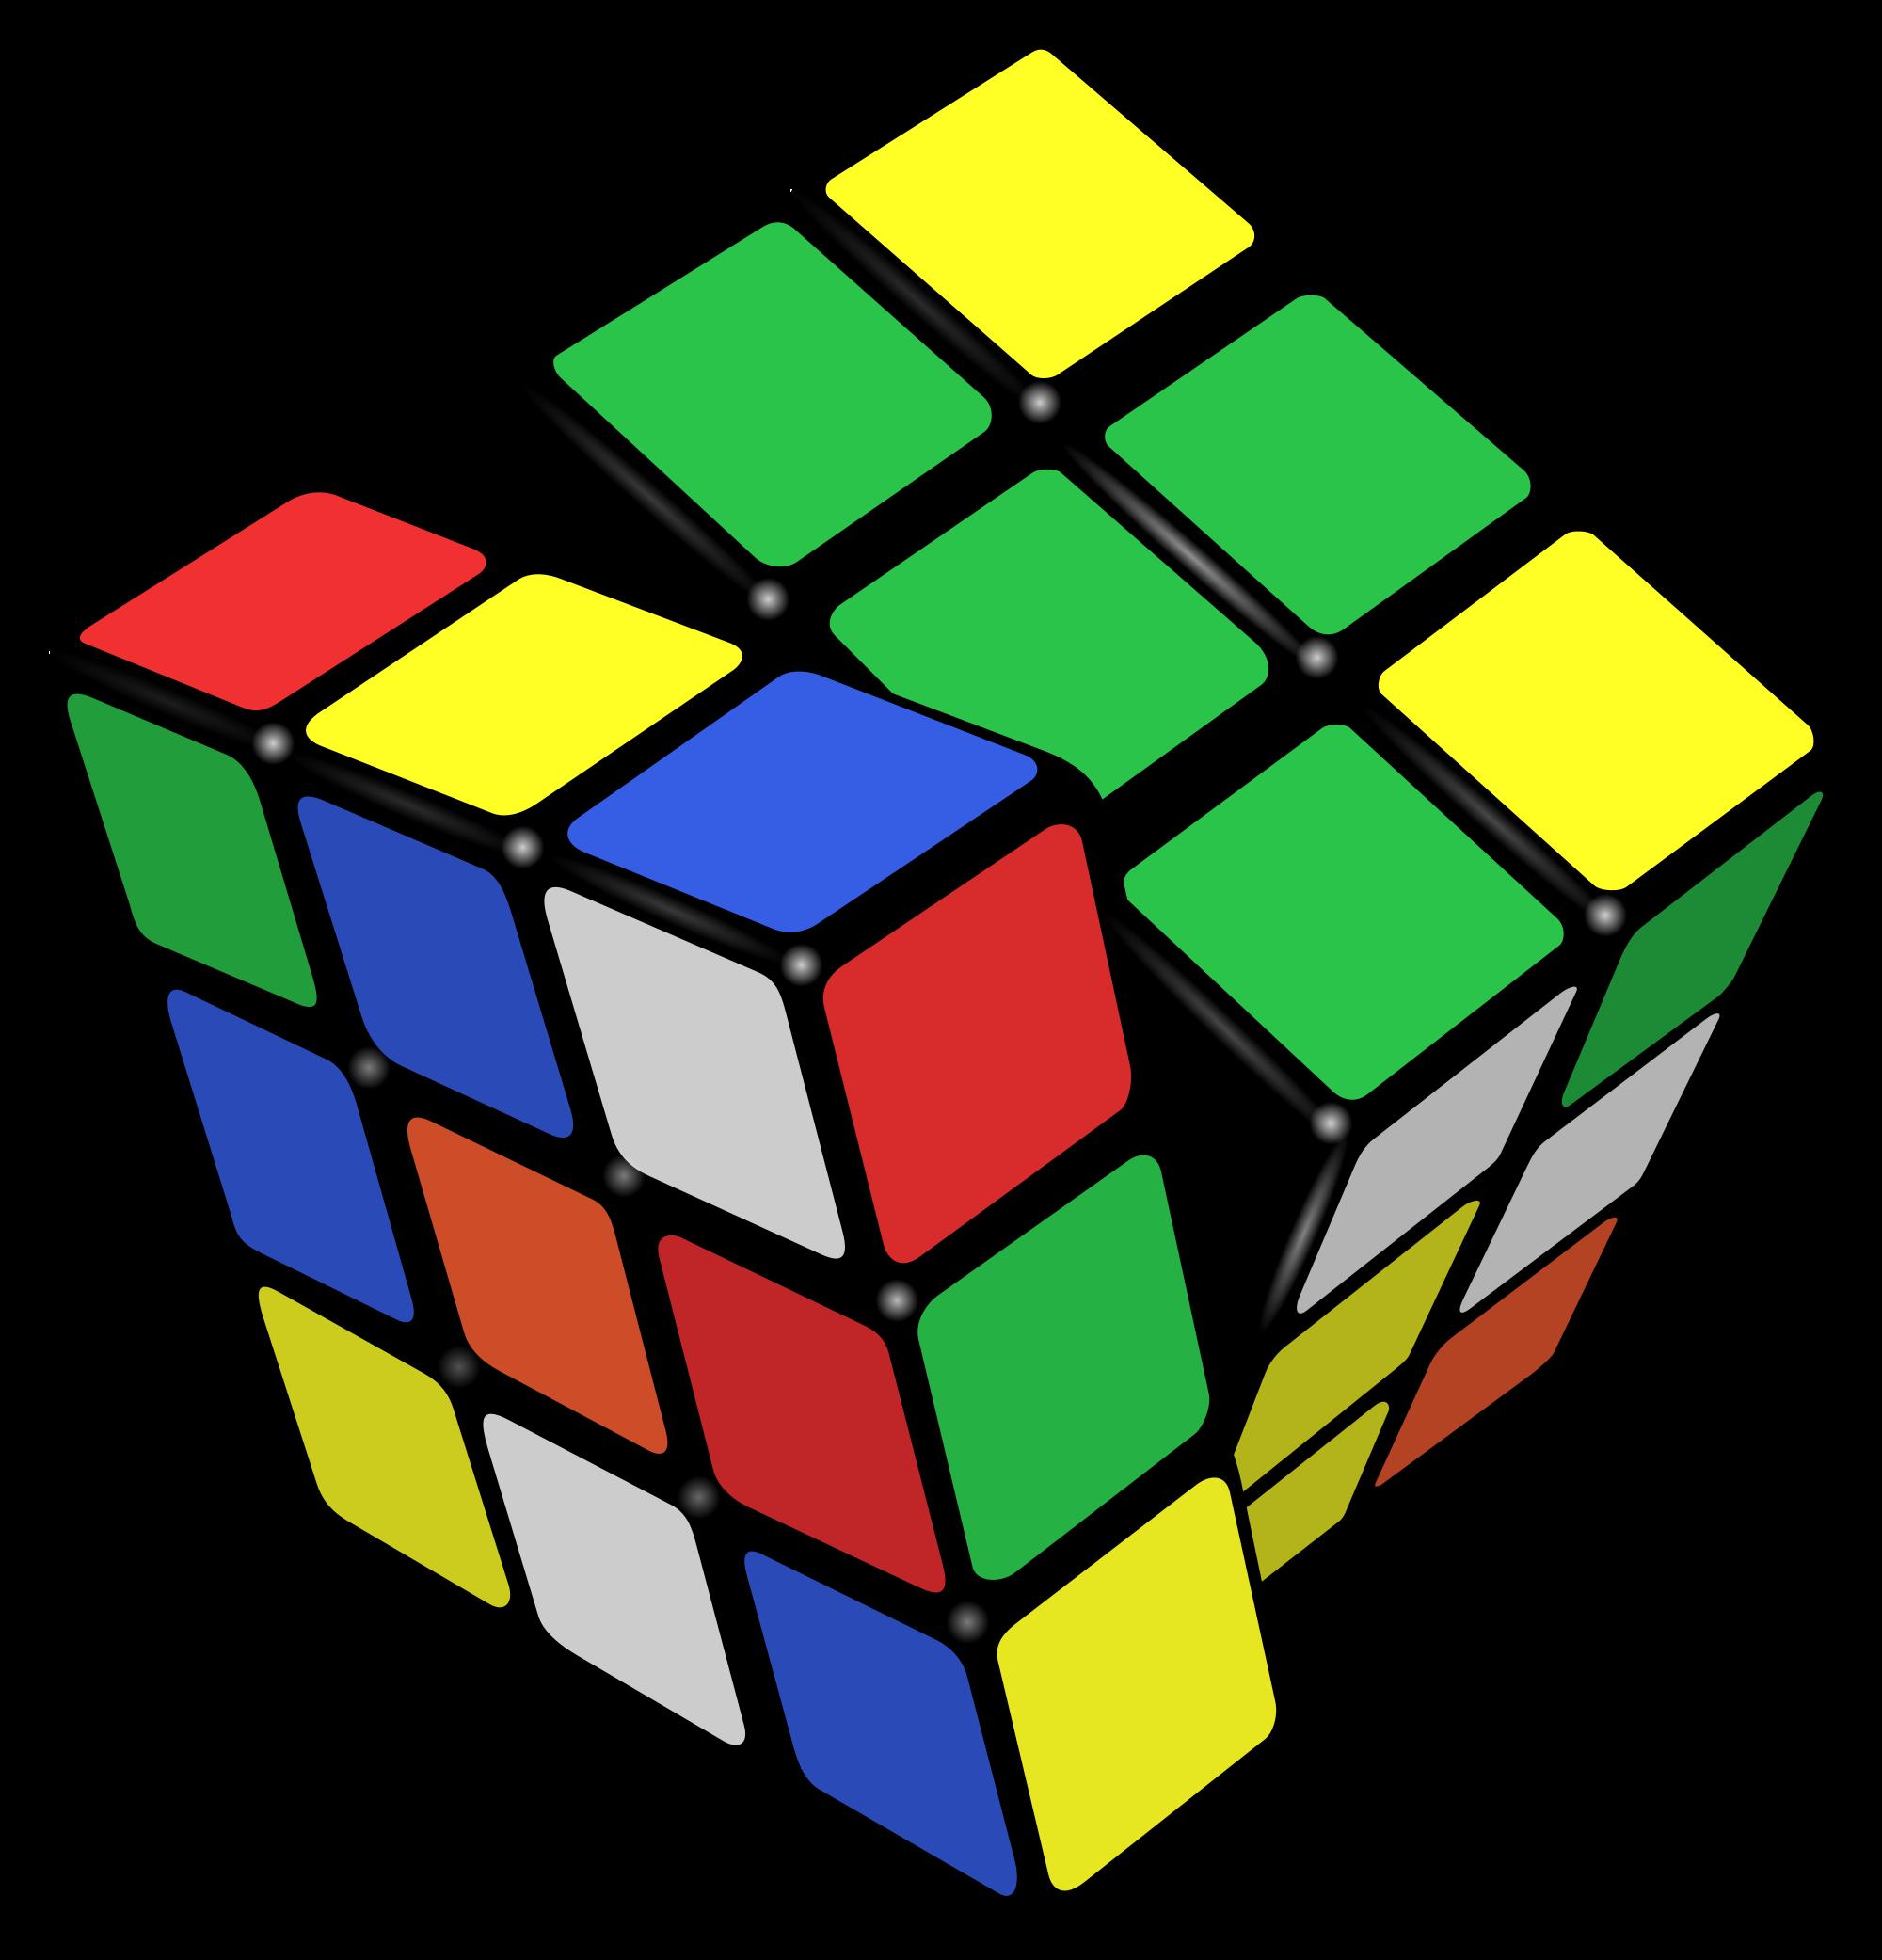 Il concetto matematico di cui non potremmo fare a meno: Gruppo (di Nicola Ciccoli)